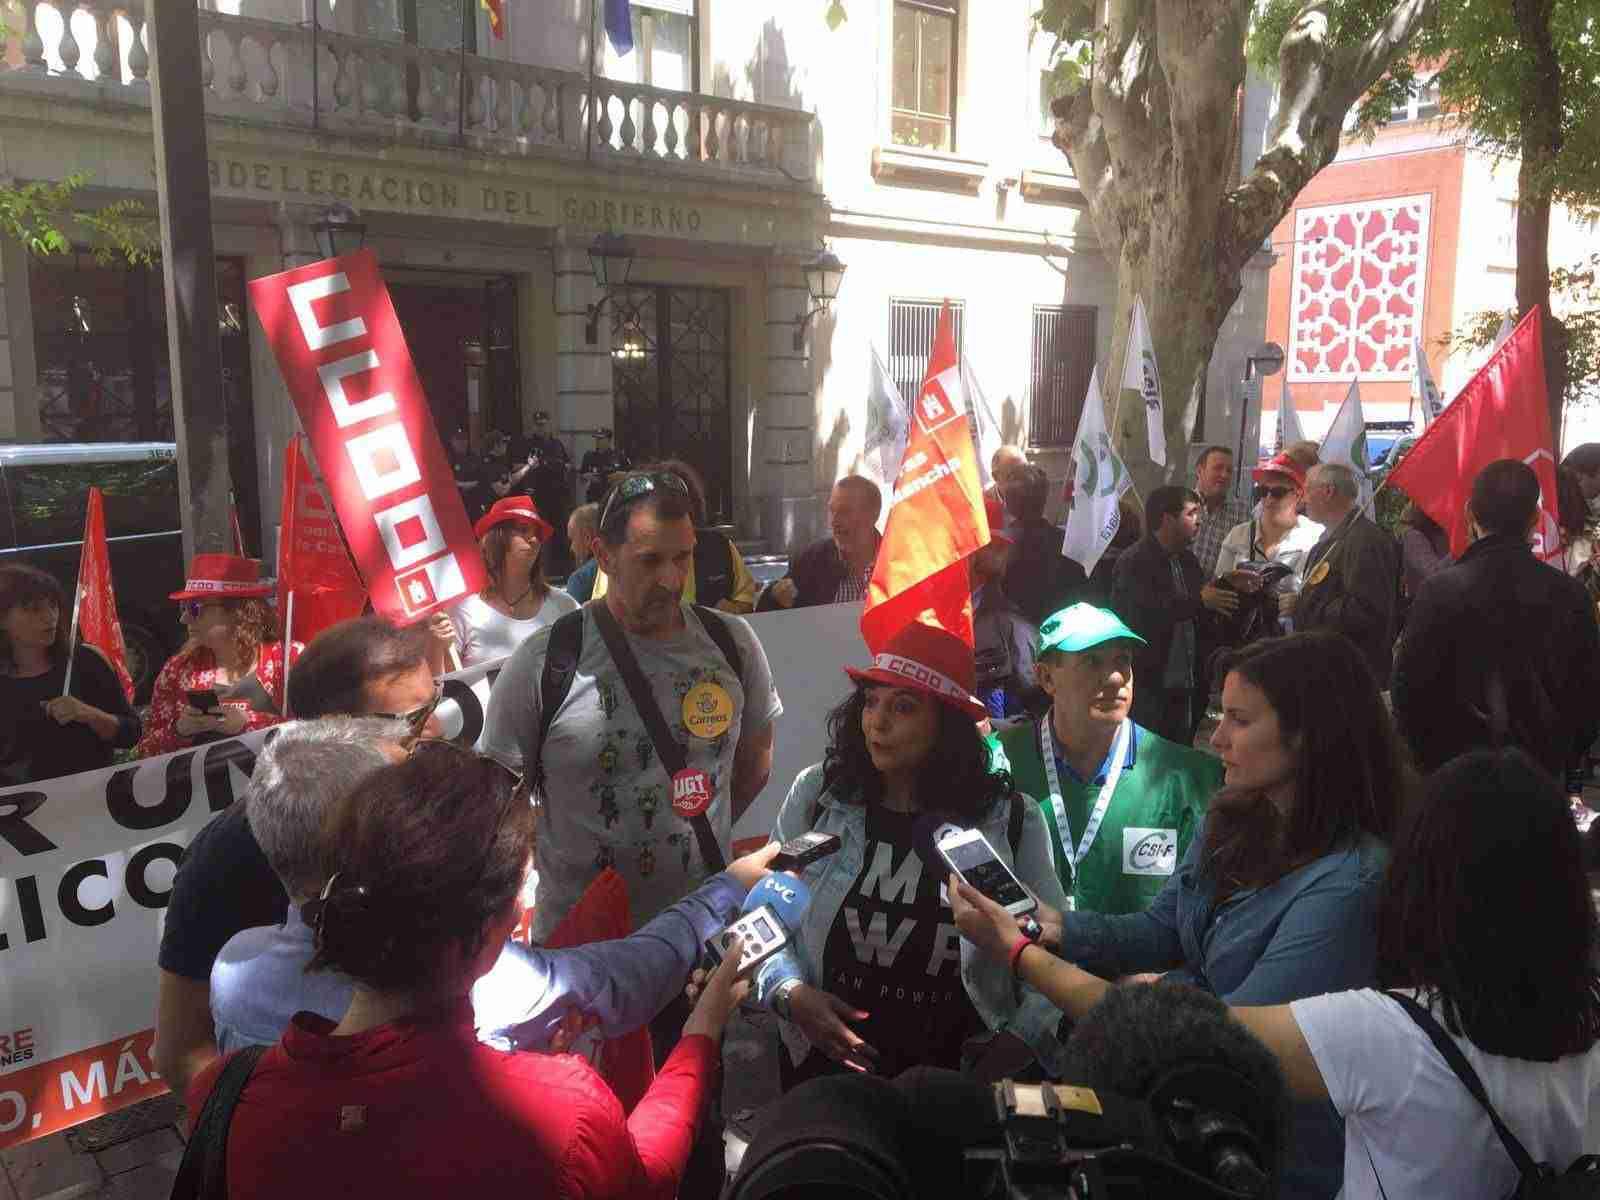 La plantilla de Correos se moviliza para exigir el fin de la precariedad laboral en la empresa 2